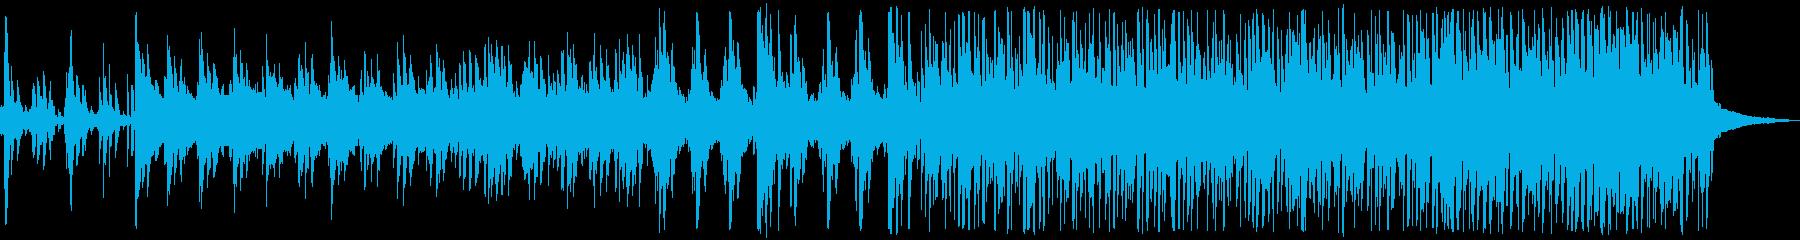 明るく、音響的な、メロディックなト...の再生済みの波形